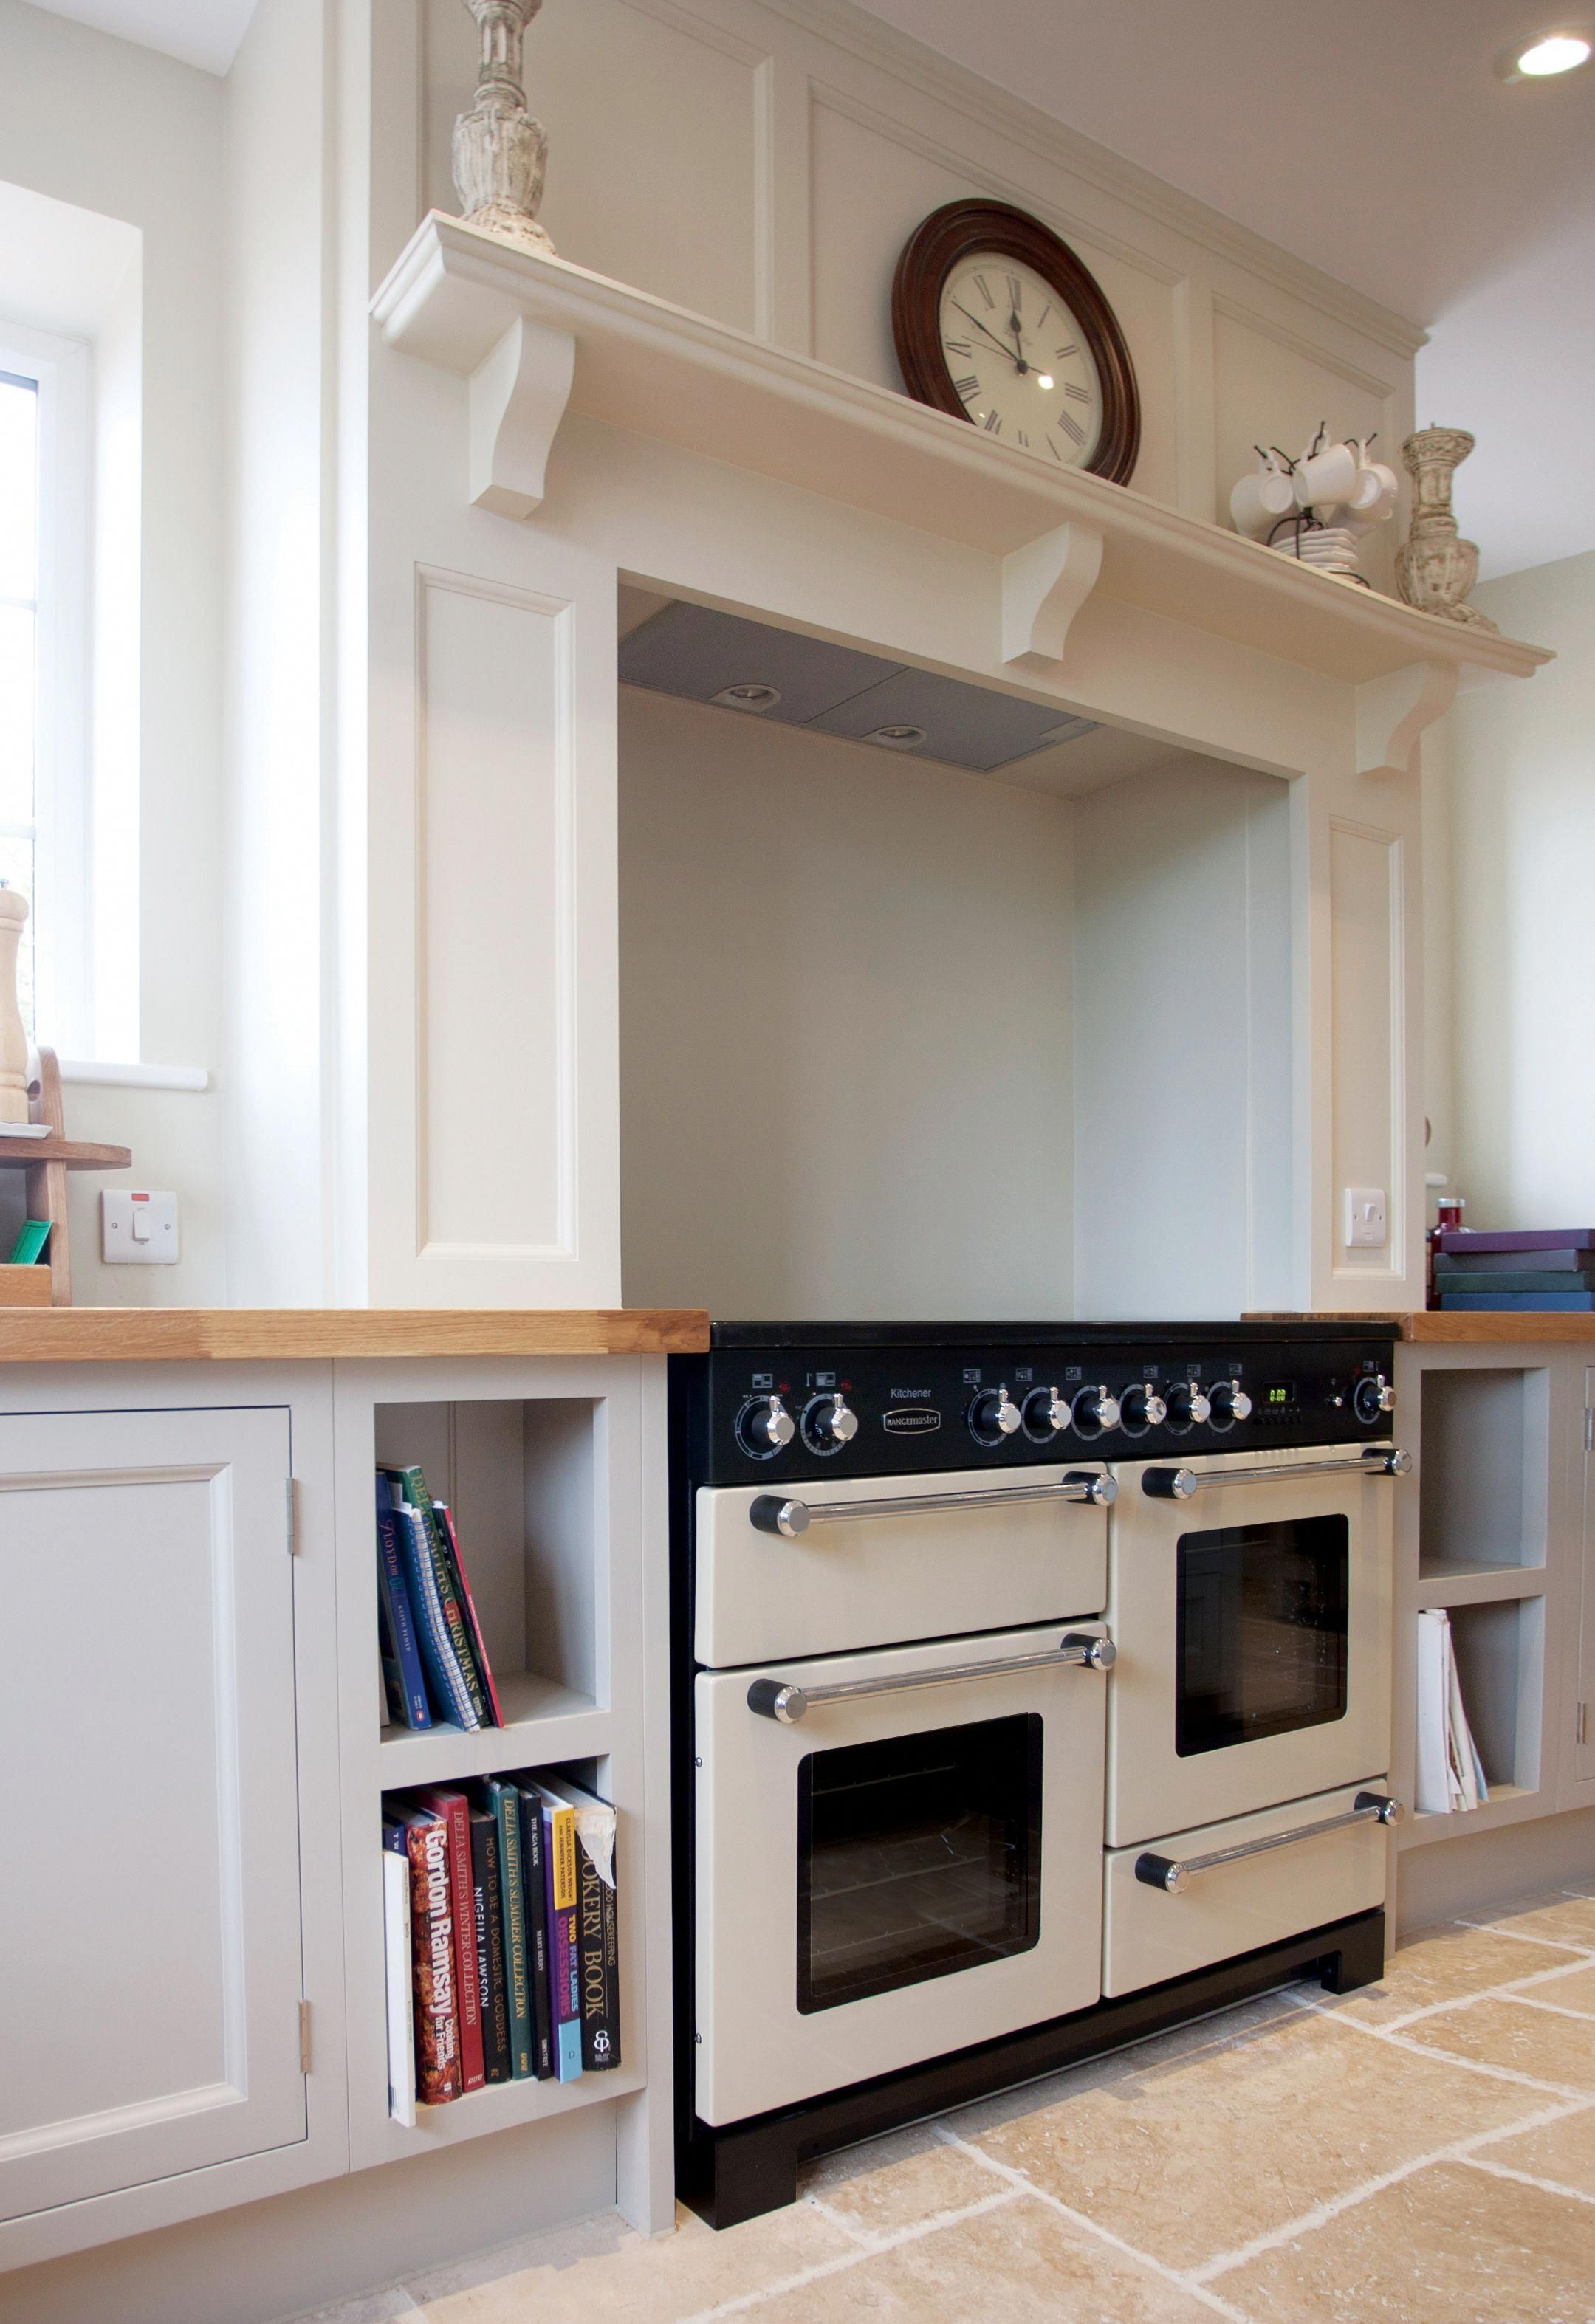 23 Superb Cooker Hood Filter Cooker Hood Carbon Filter Kitchenideas Kitchentool Cookerhoods Range Cooker Kitchen Mantle